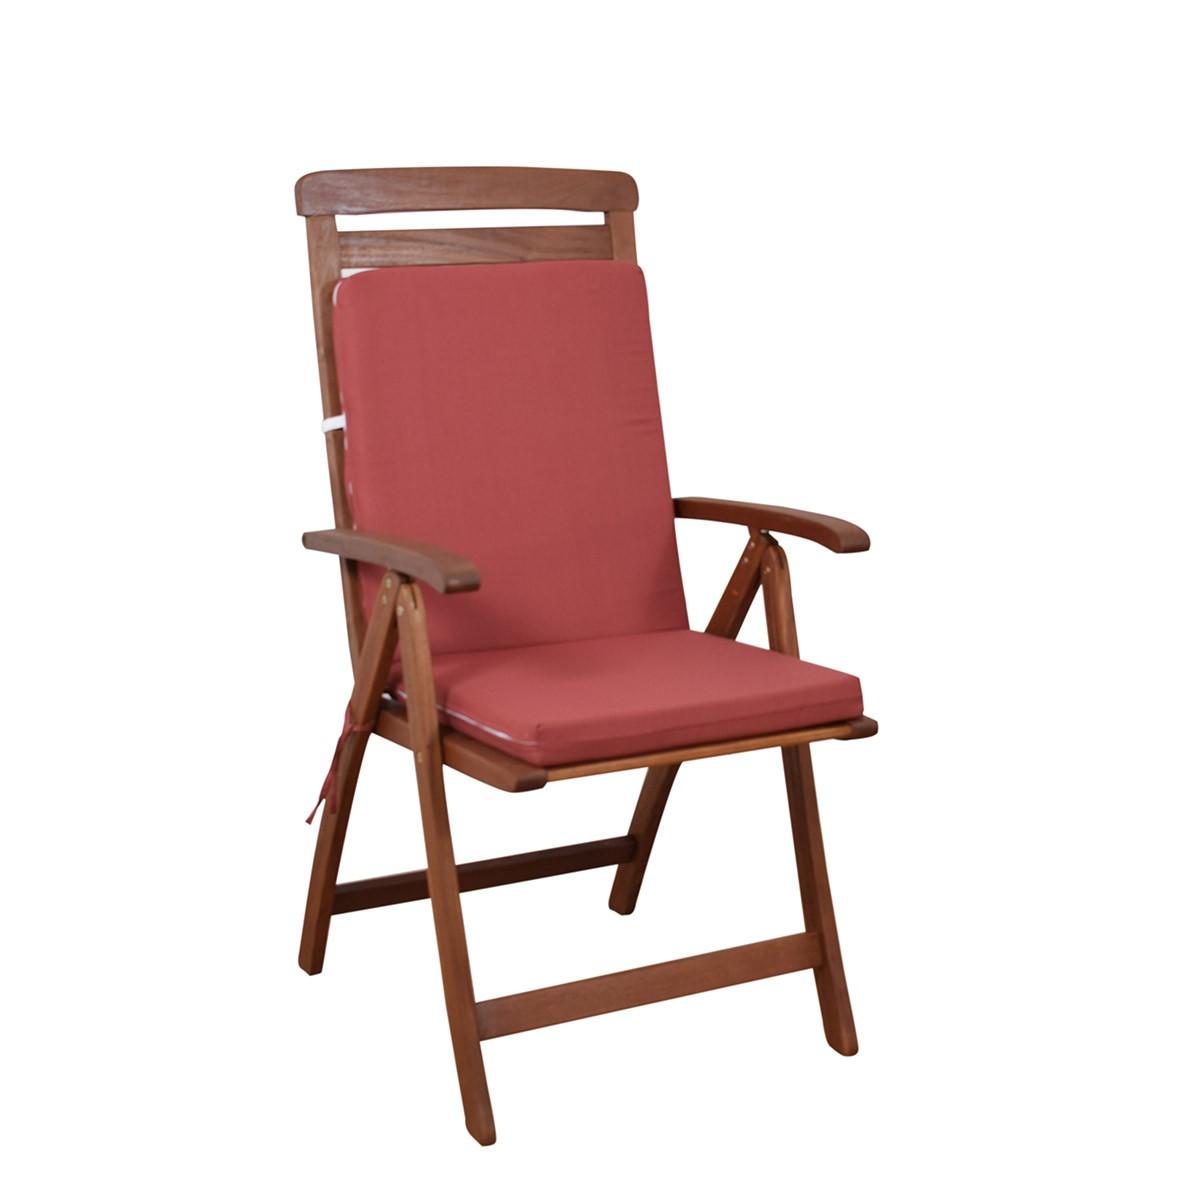 Μαξιλάρι Καρέκλας Πλάτη/Φερμουάρ Fratoni Solid Terracota